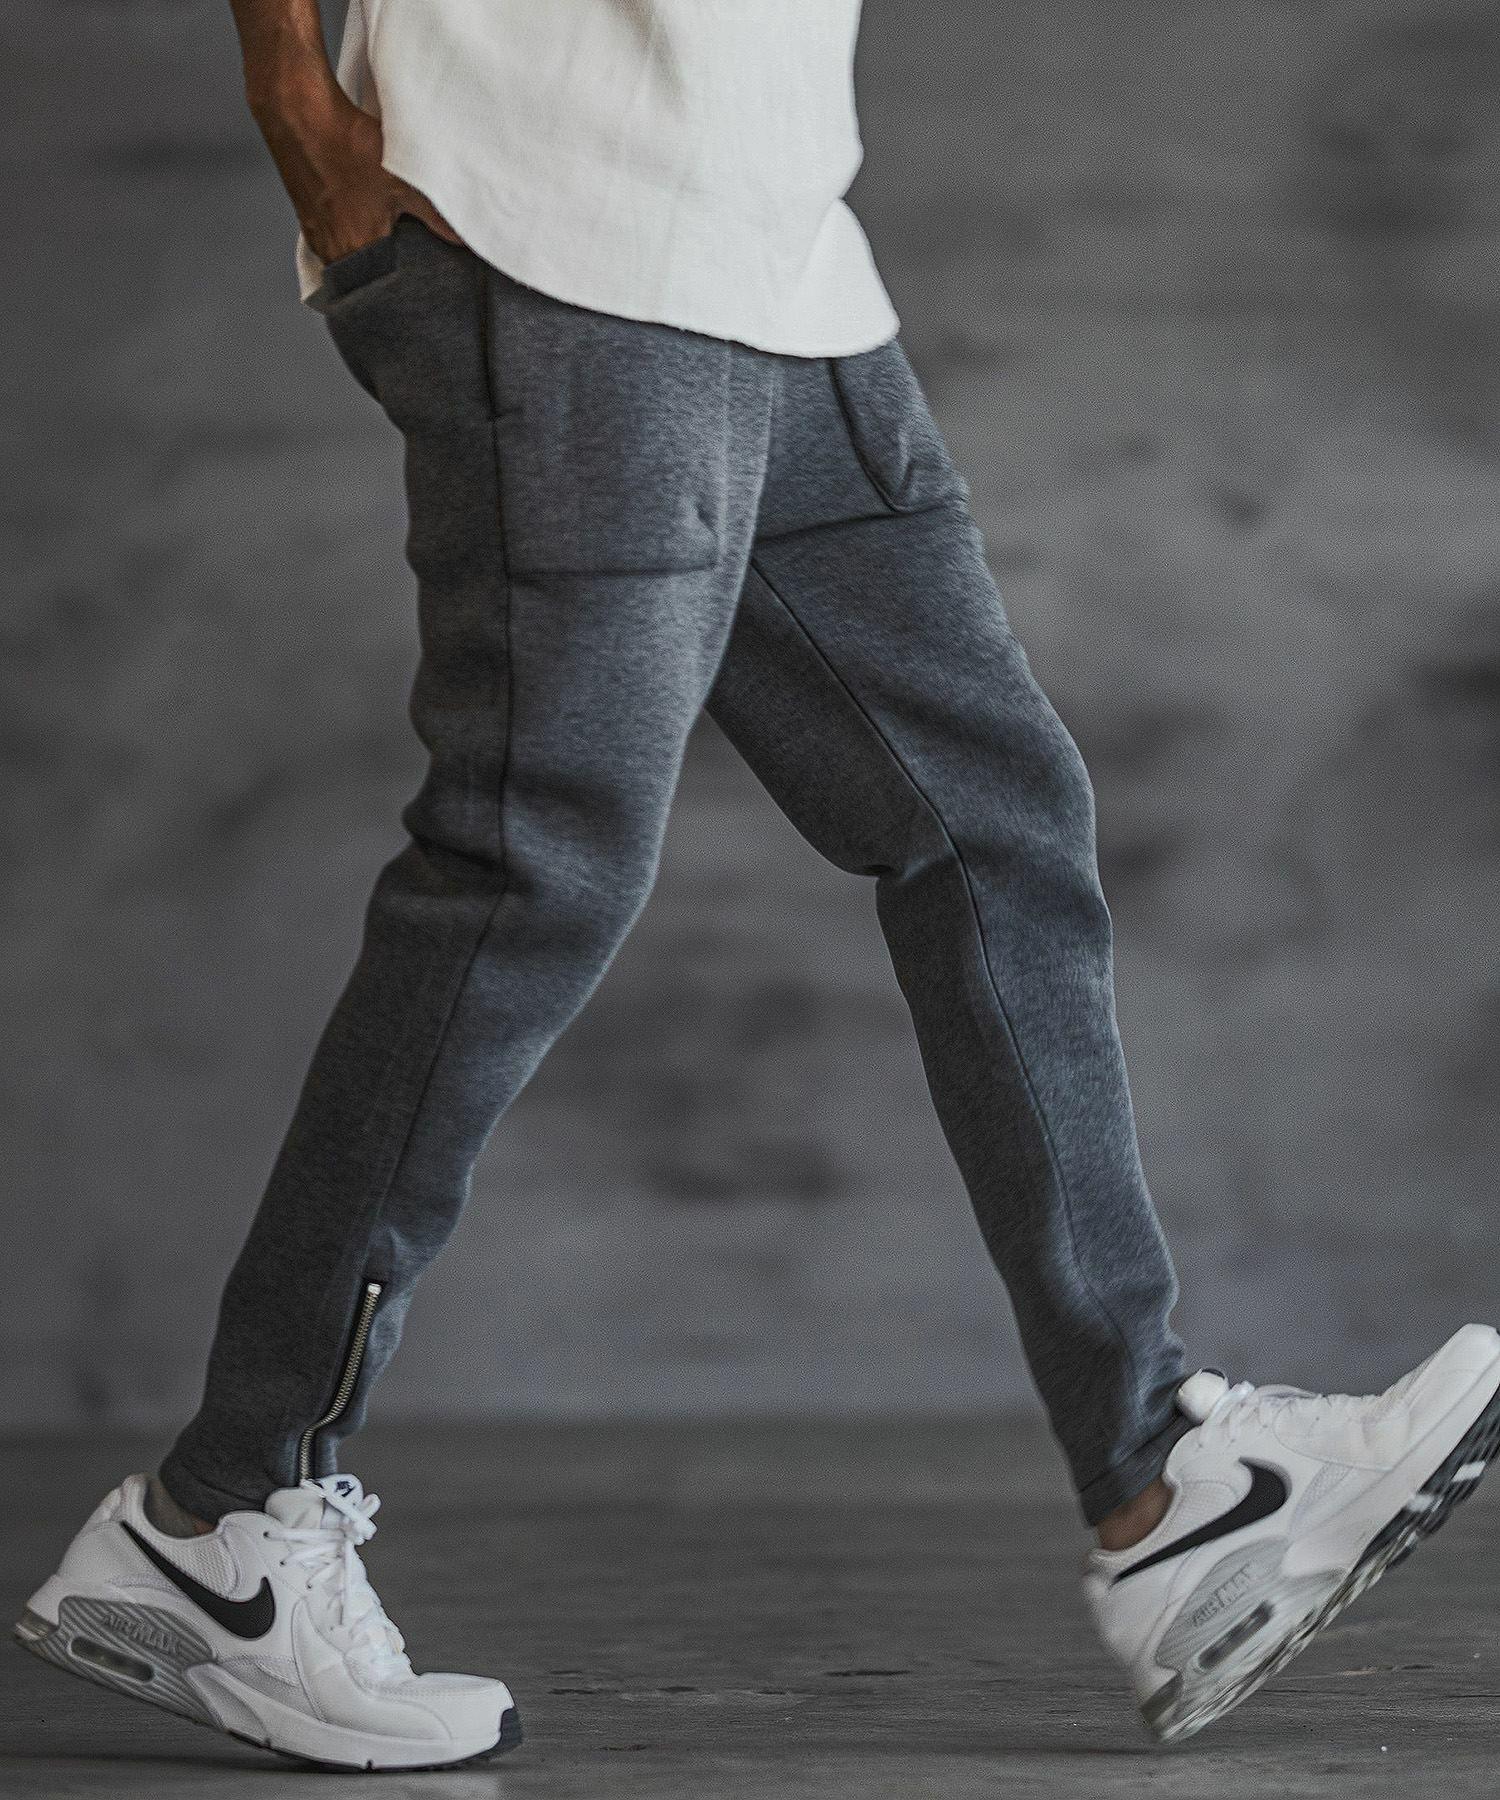 【CAMBIO(カンビオ)】【予約販売サイズ・カラーにより納期異なる】Bonding Jersey Skinny Silhouette Pants パンツ